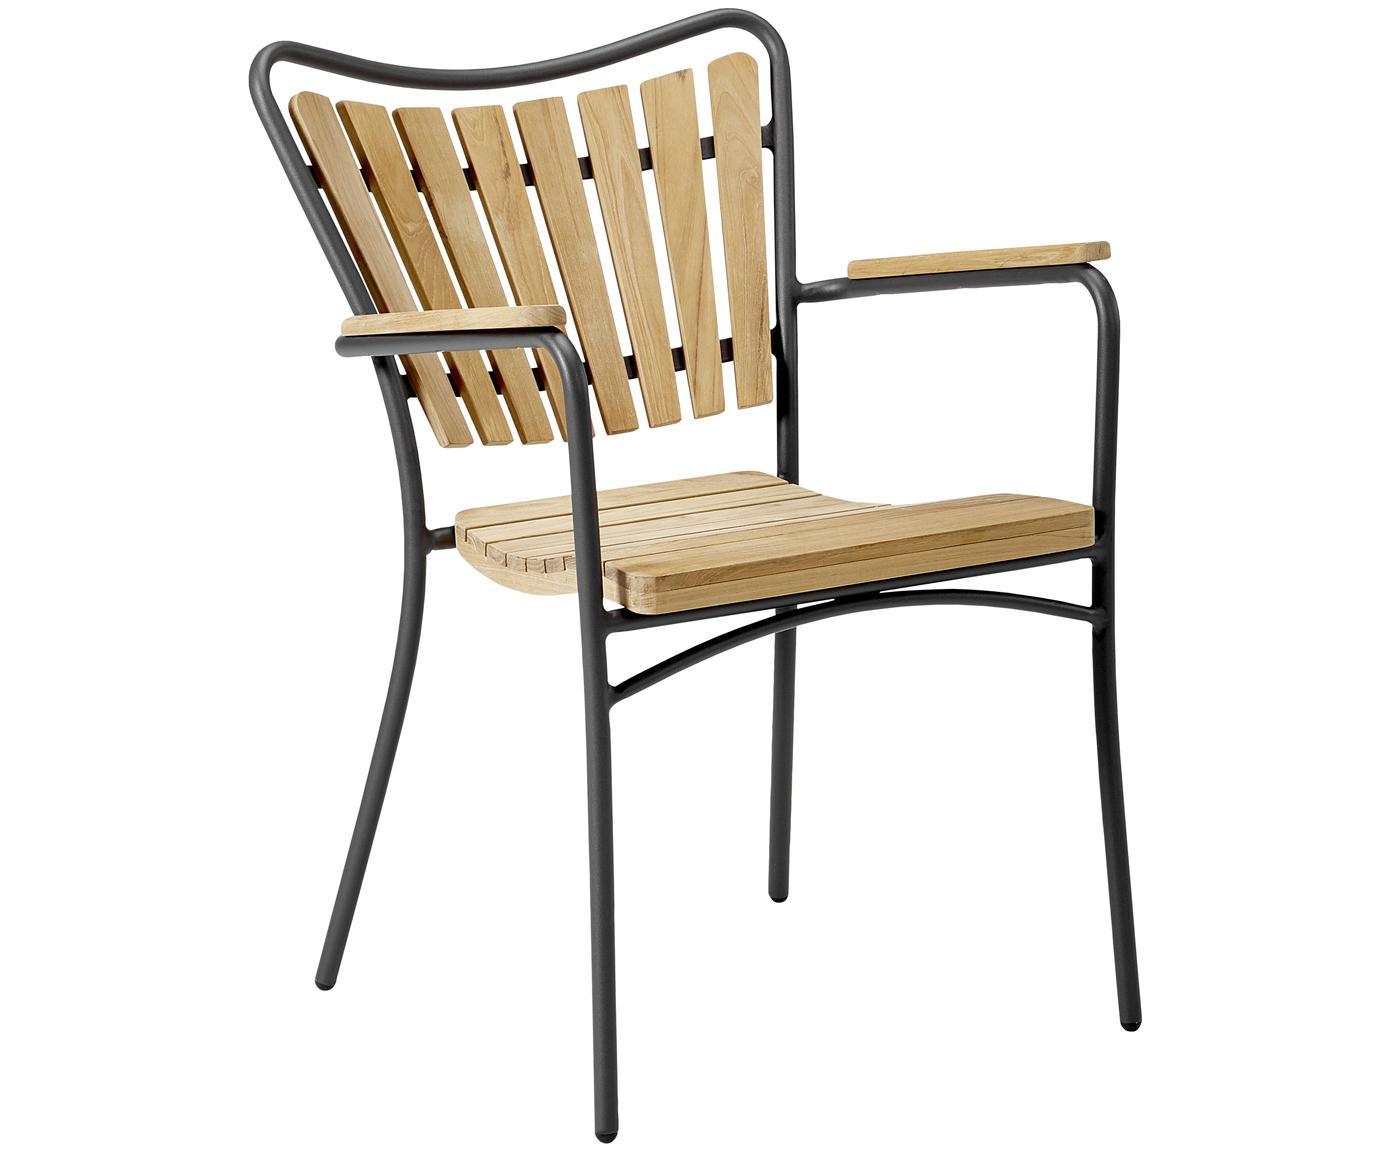 Sedia da giardino in legno con braccioli Hard & Ellen, Struttura: alluminio, verniciato a p, Antracite, teak, Larg. 56 x Alt. 78 cm